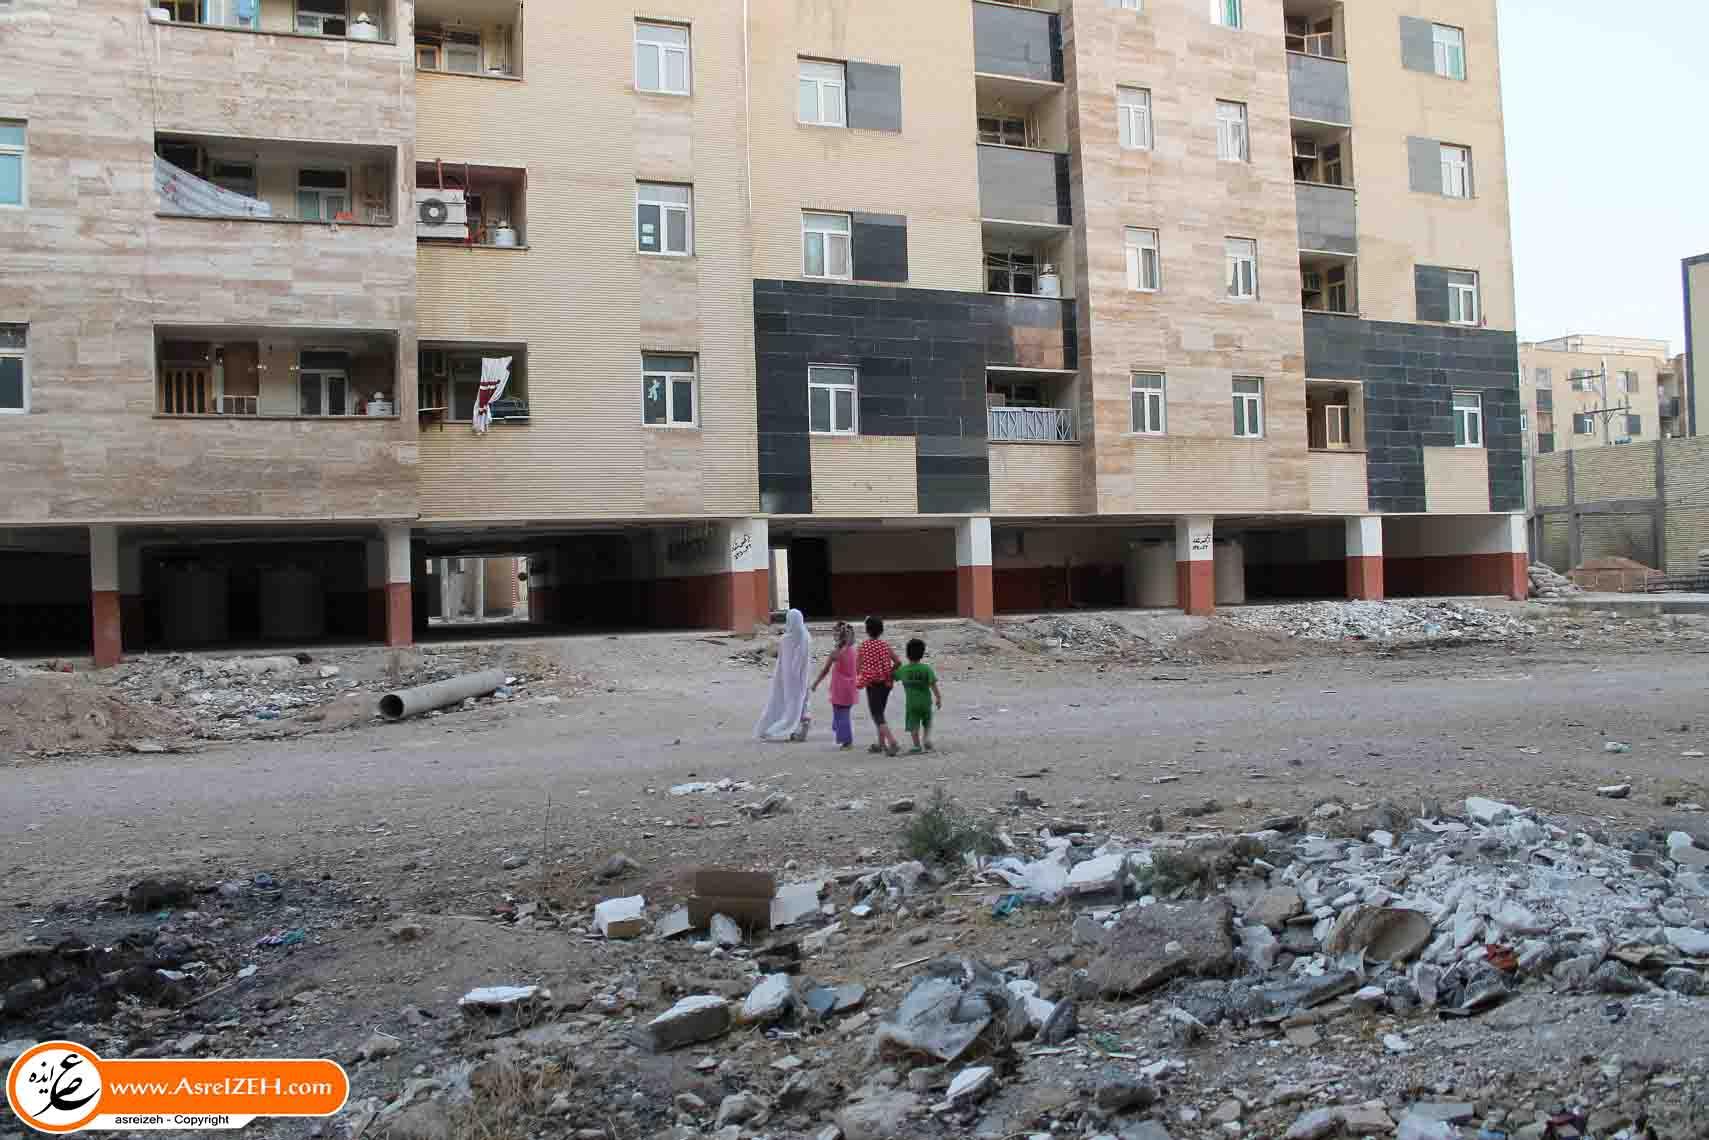 از رویا تاکابوس خانهدار شدن شهروندان ایذهای/ مسکنی که «مهرش» به دل ساکنینش ننشست + تصاویر